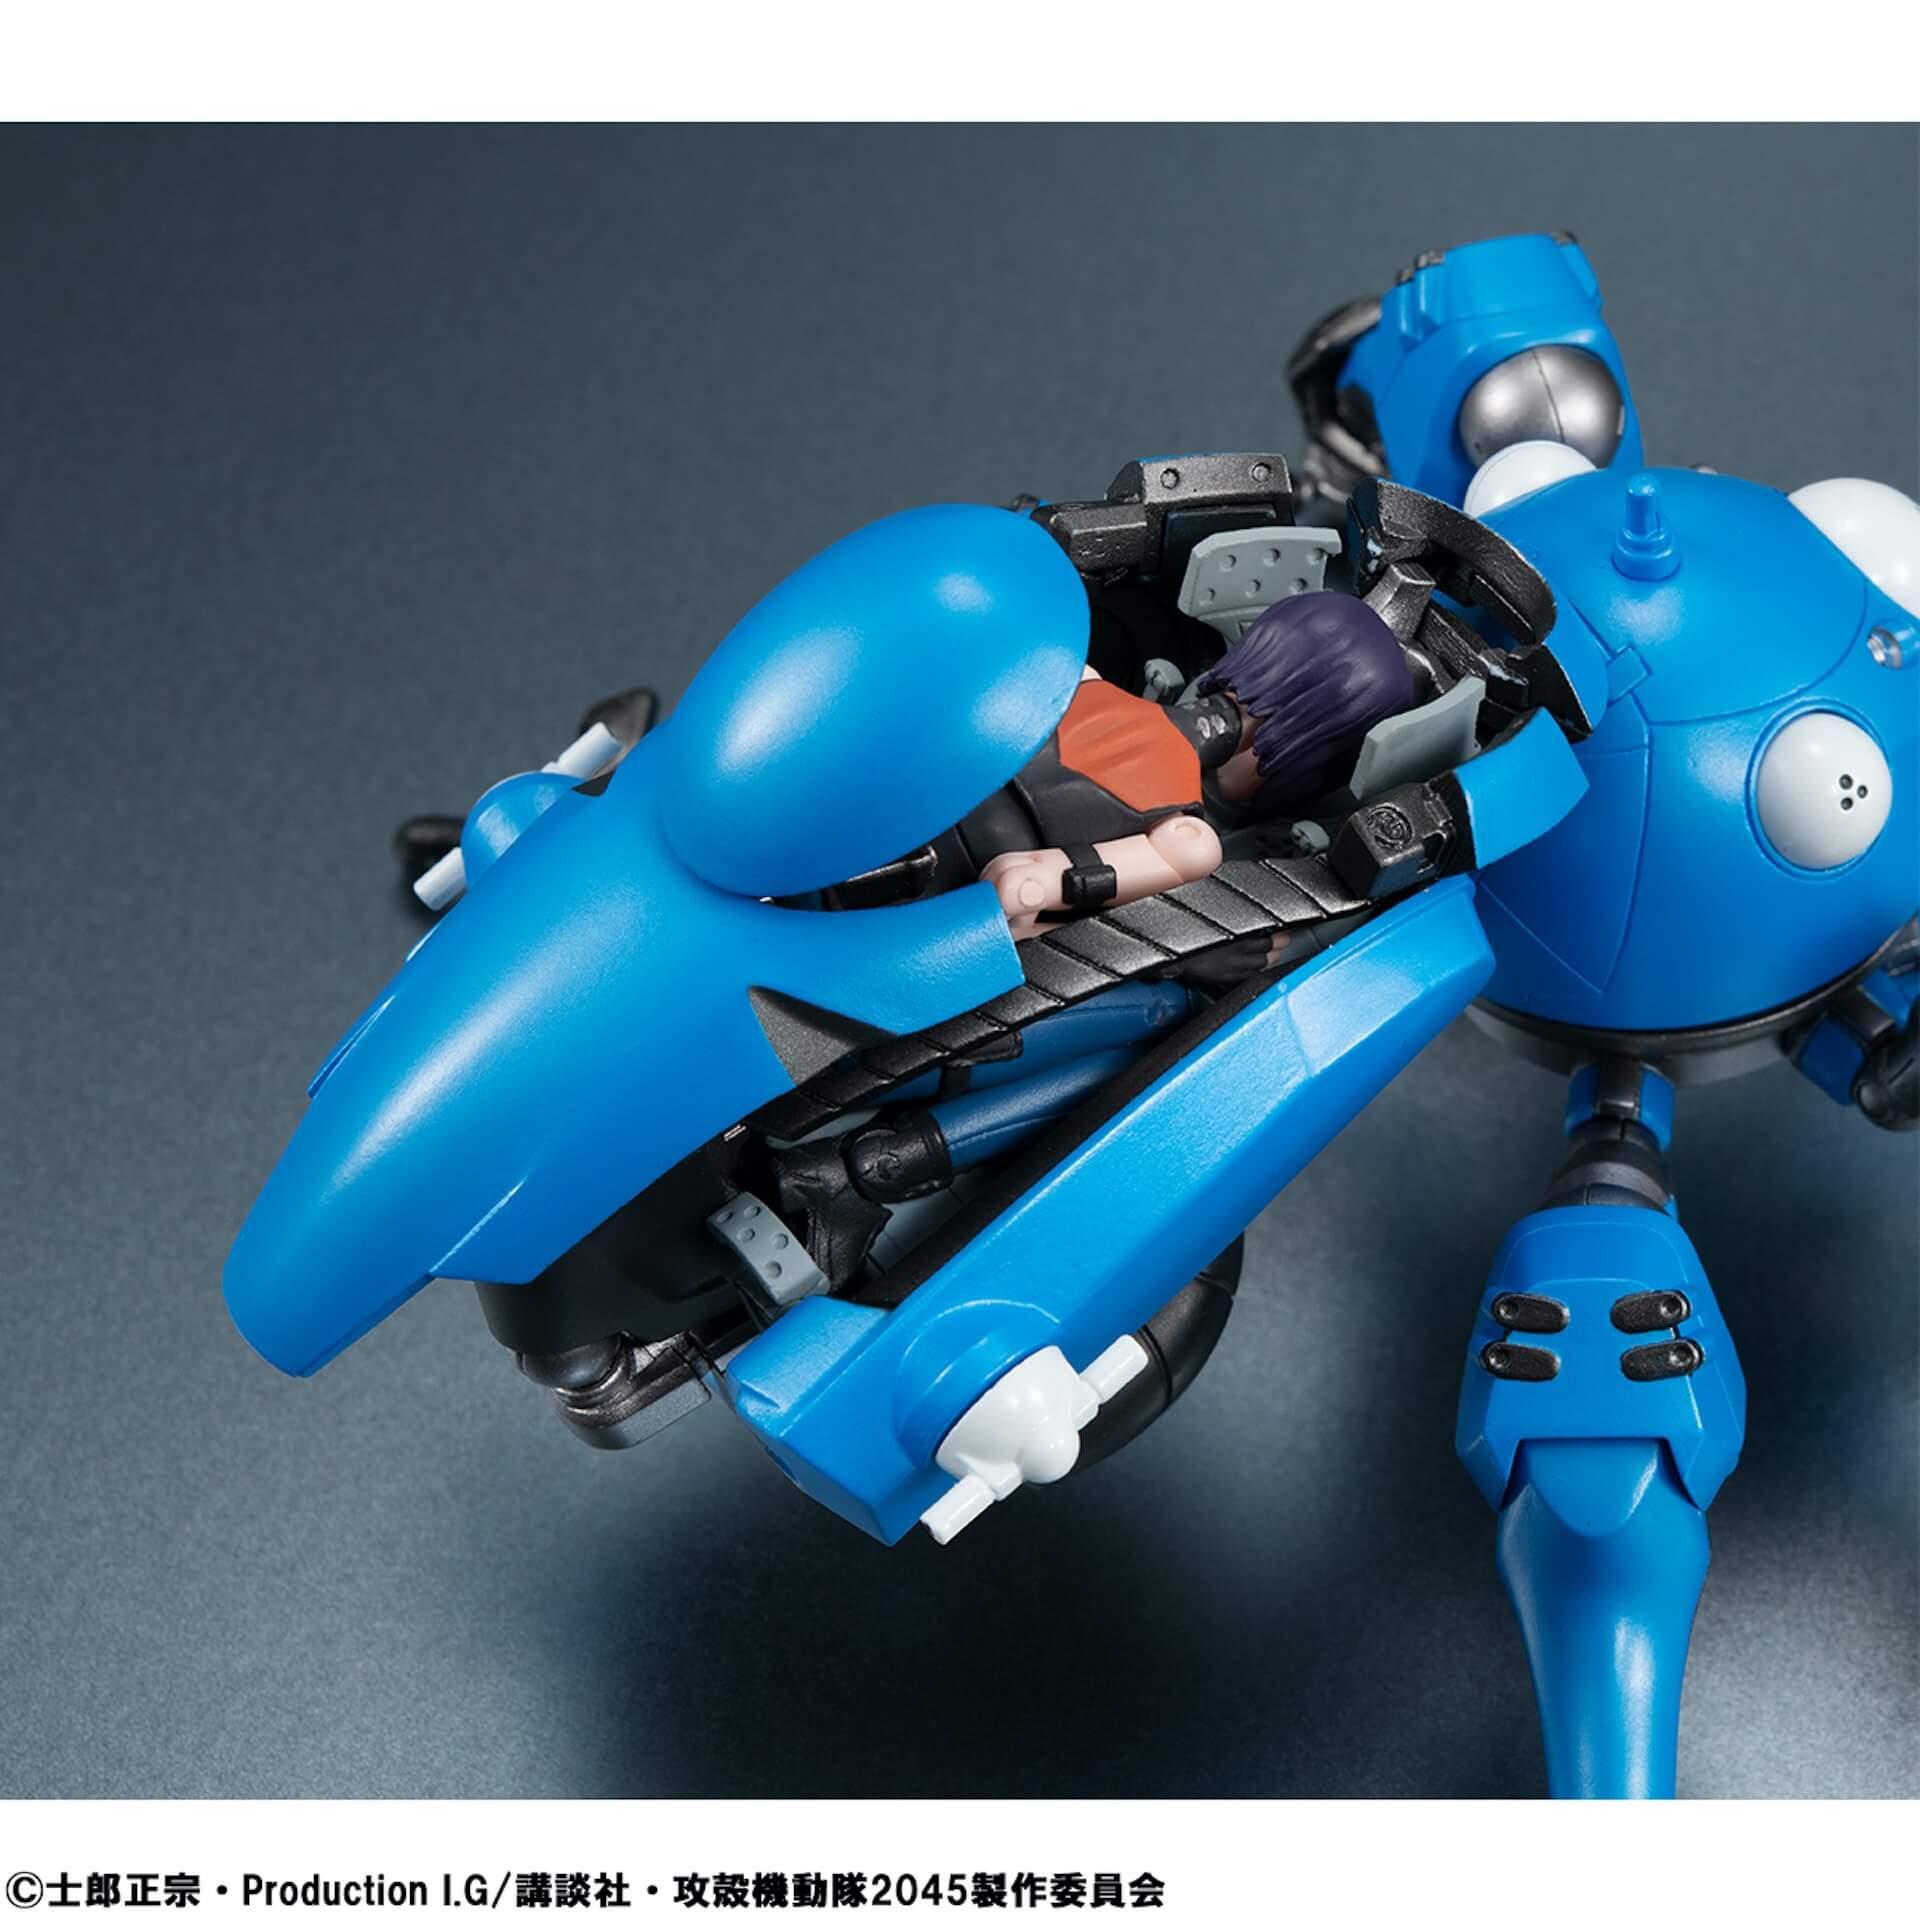 豊富なギミックありの『攻殻機動隊 SAC_2045』タチコマフィギュアがメガハウスから登場!背面ポッドに少佐が搭乗可能 ac200701_tachikoma_figure_10